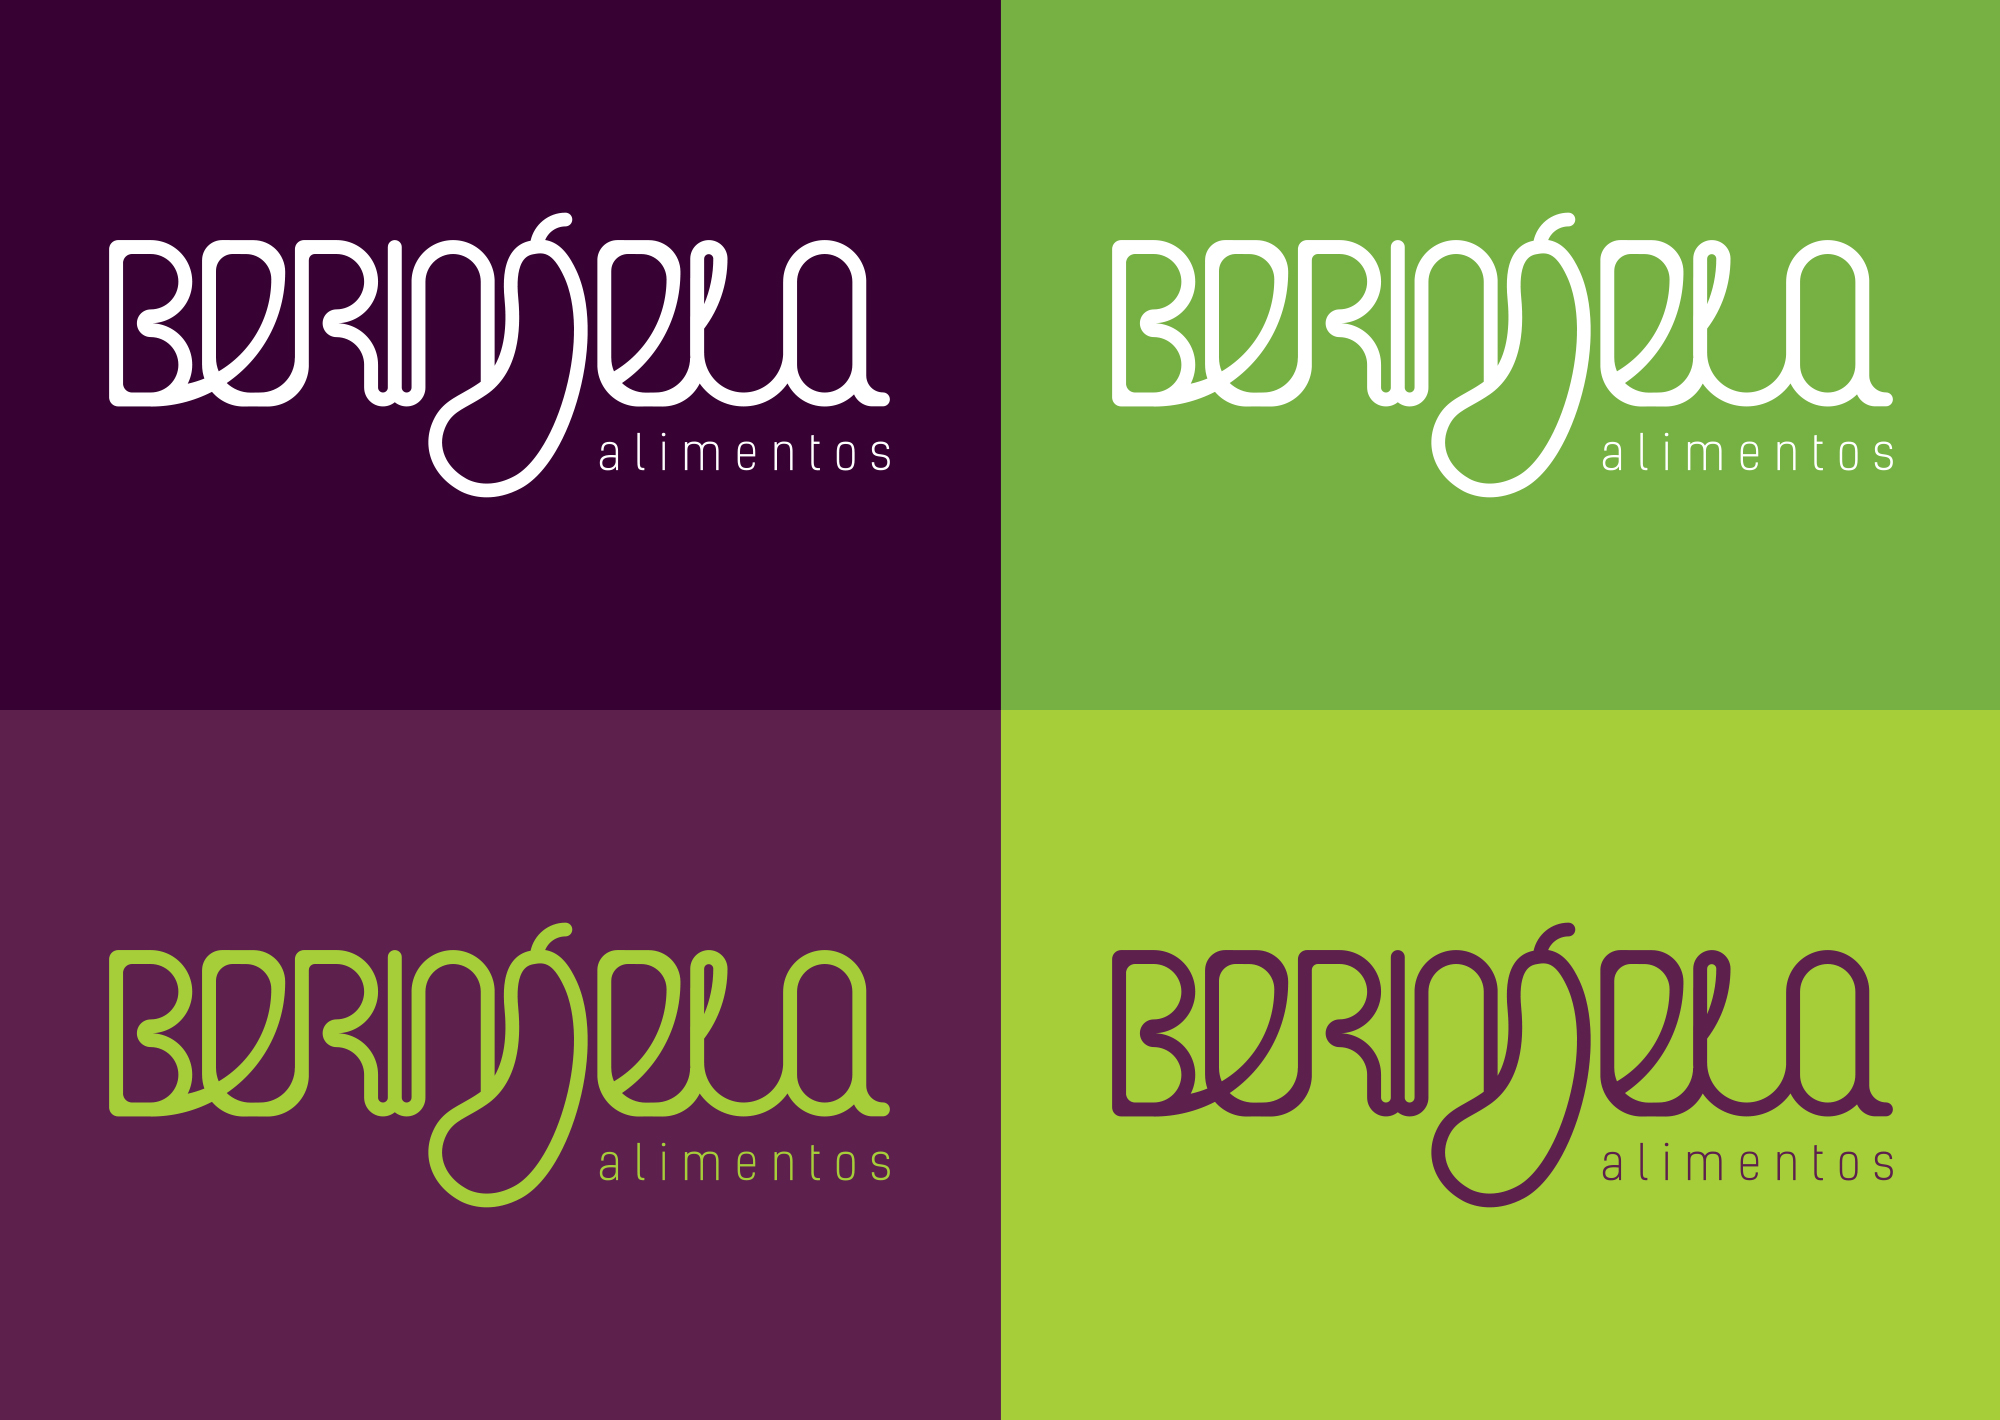 Logotipo Berinjela